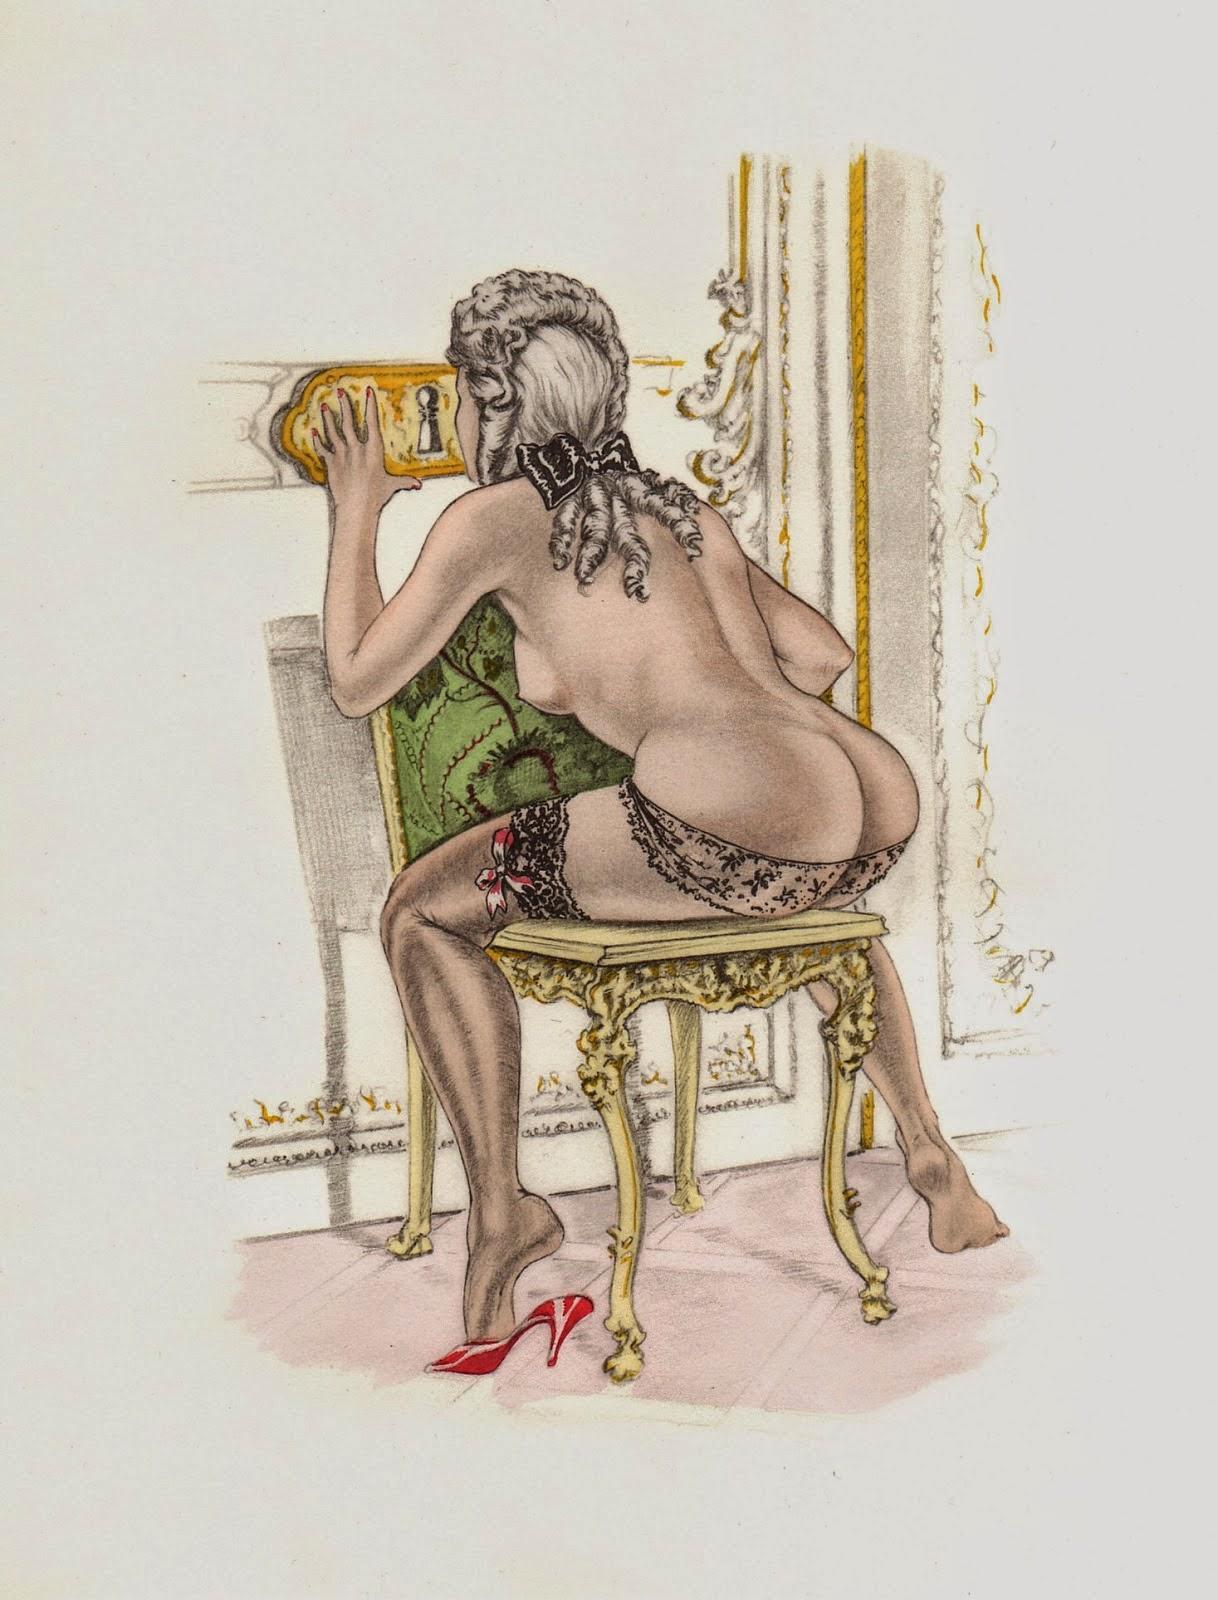 иллюстрации-рисунки к эротическим журналам